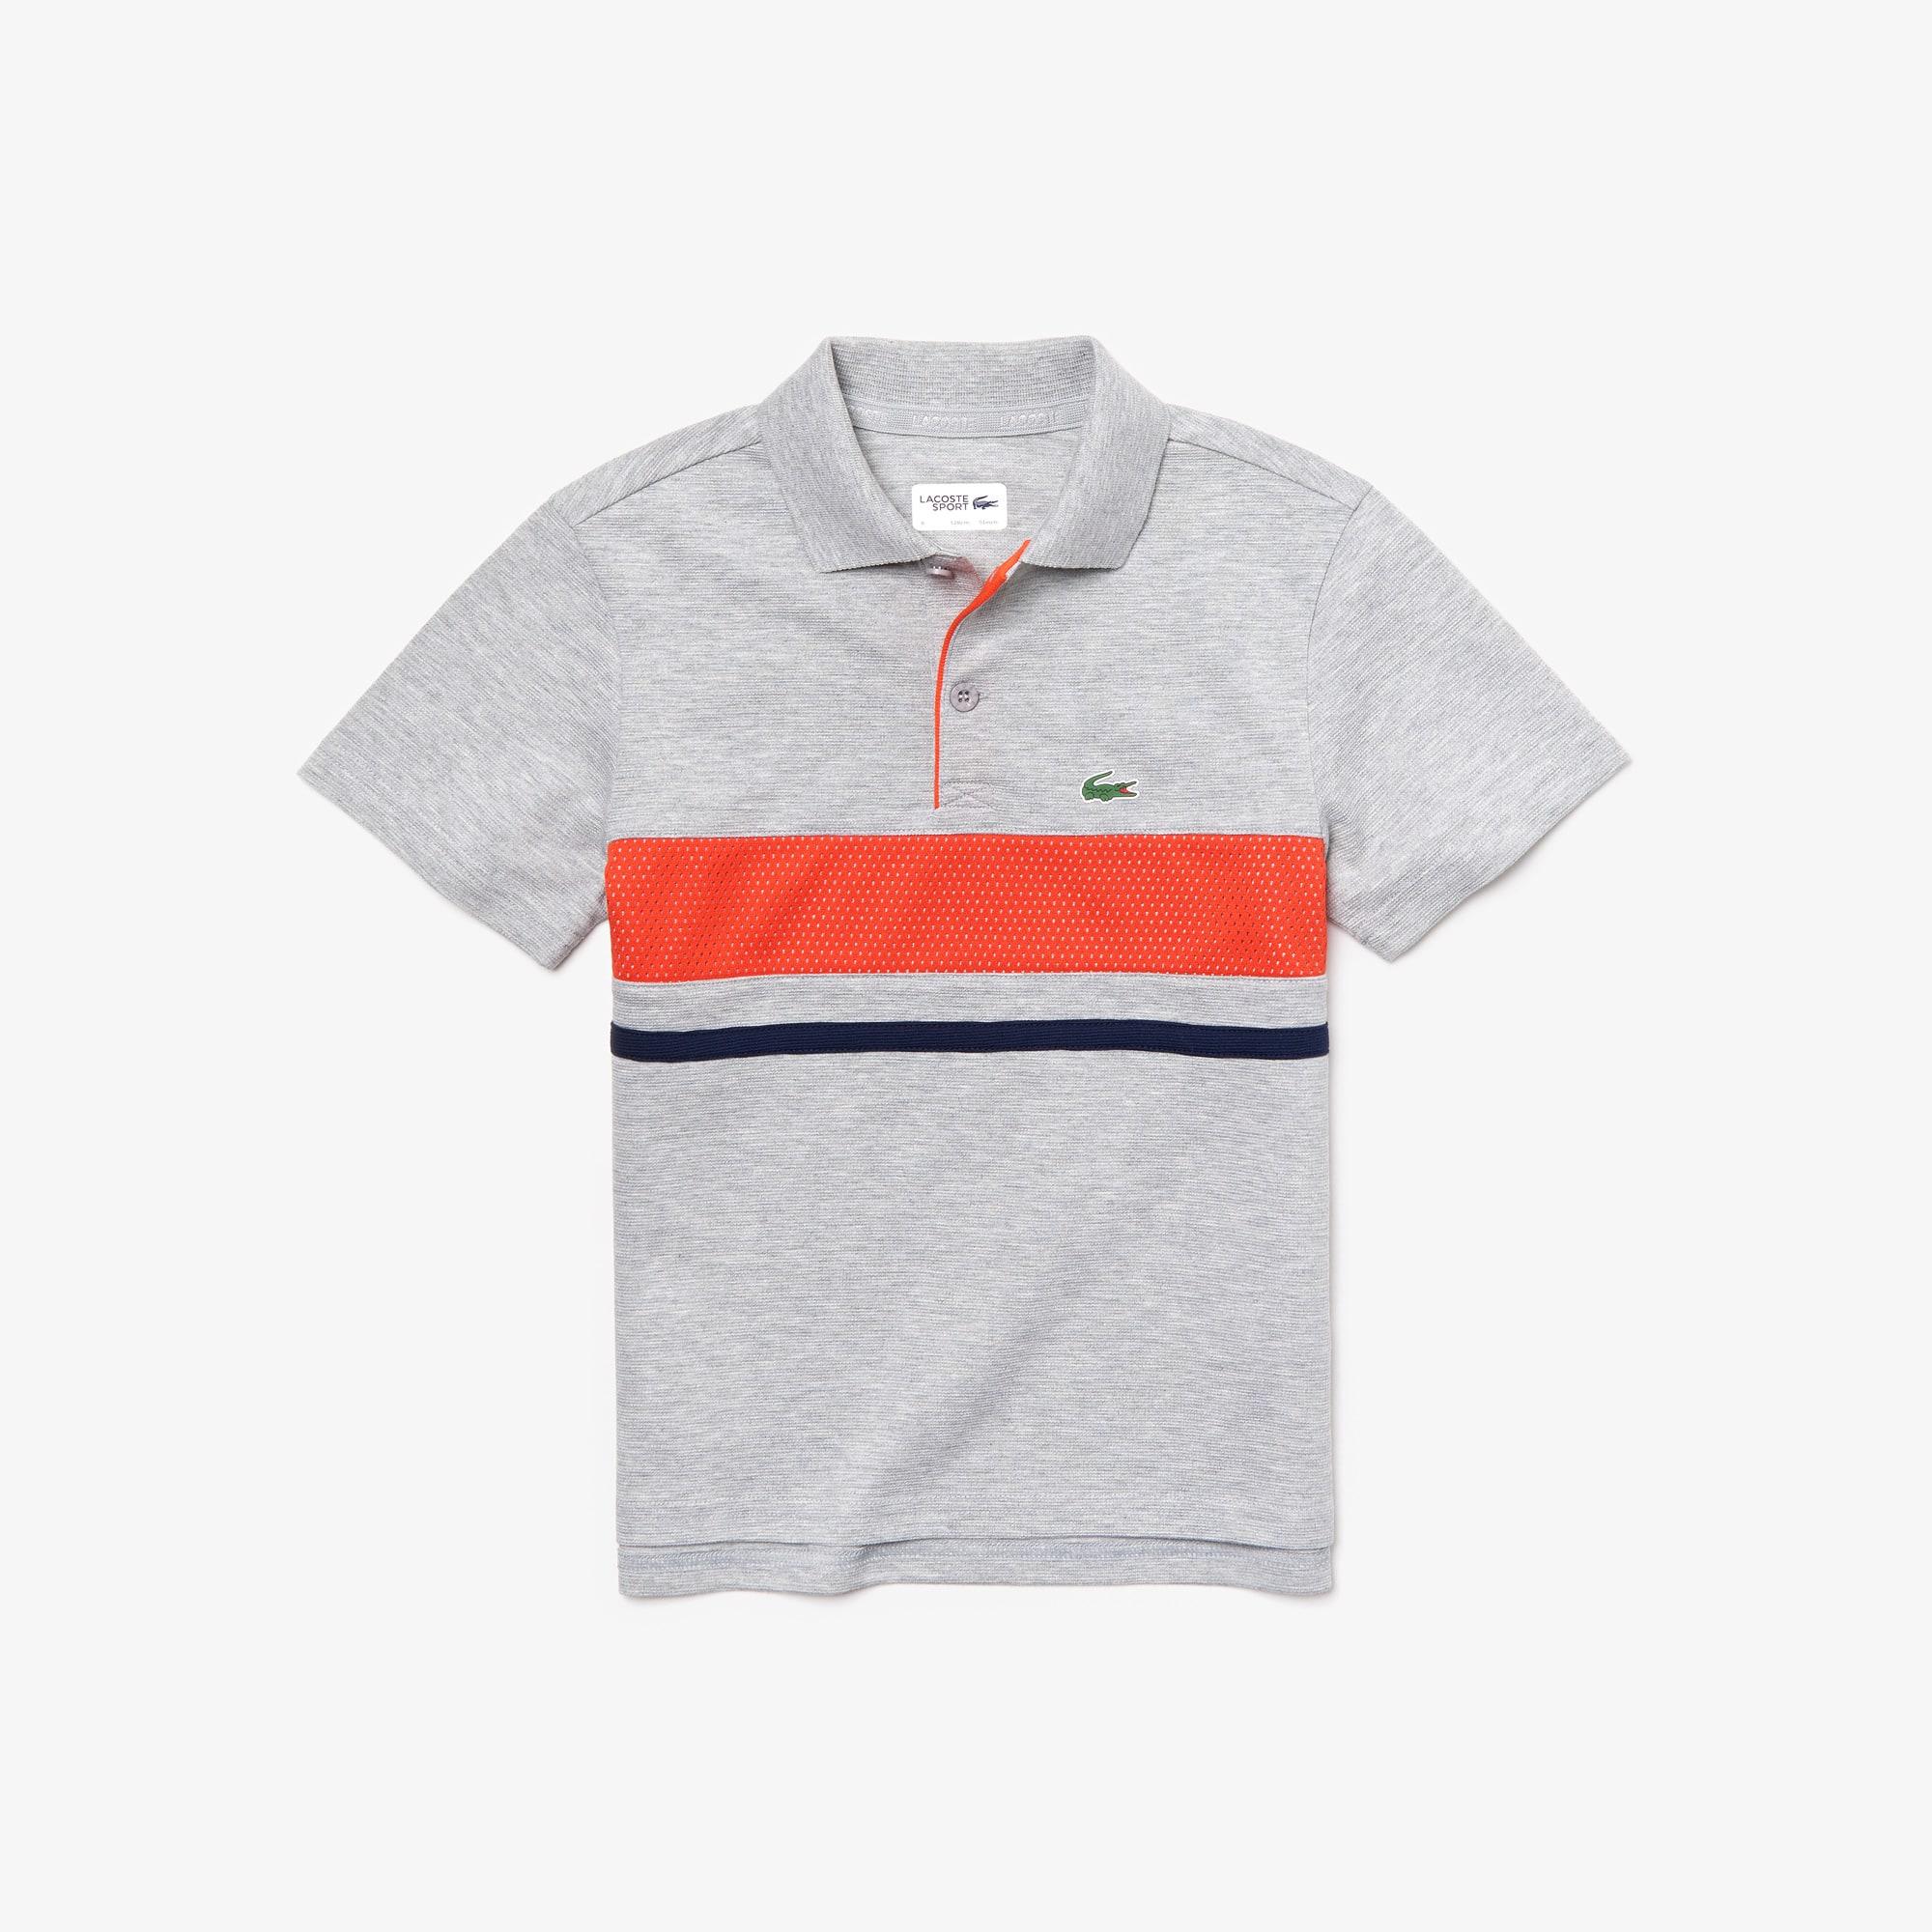 Polo Light Lacoste Grey Lacoste Lacoste Light Light Grey Polo Grey Polo eBordxQCWE